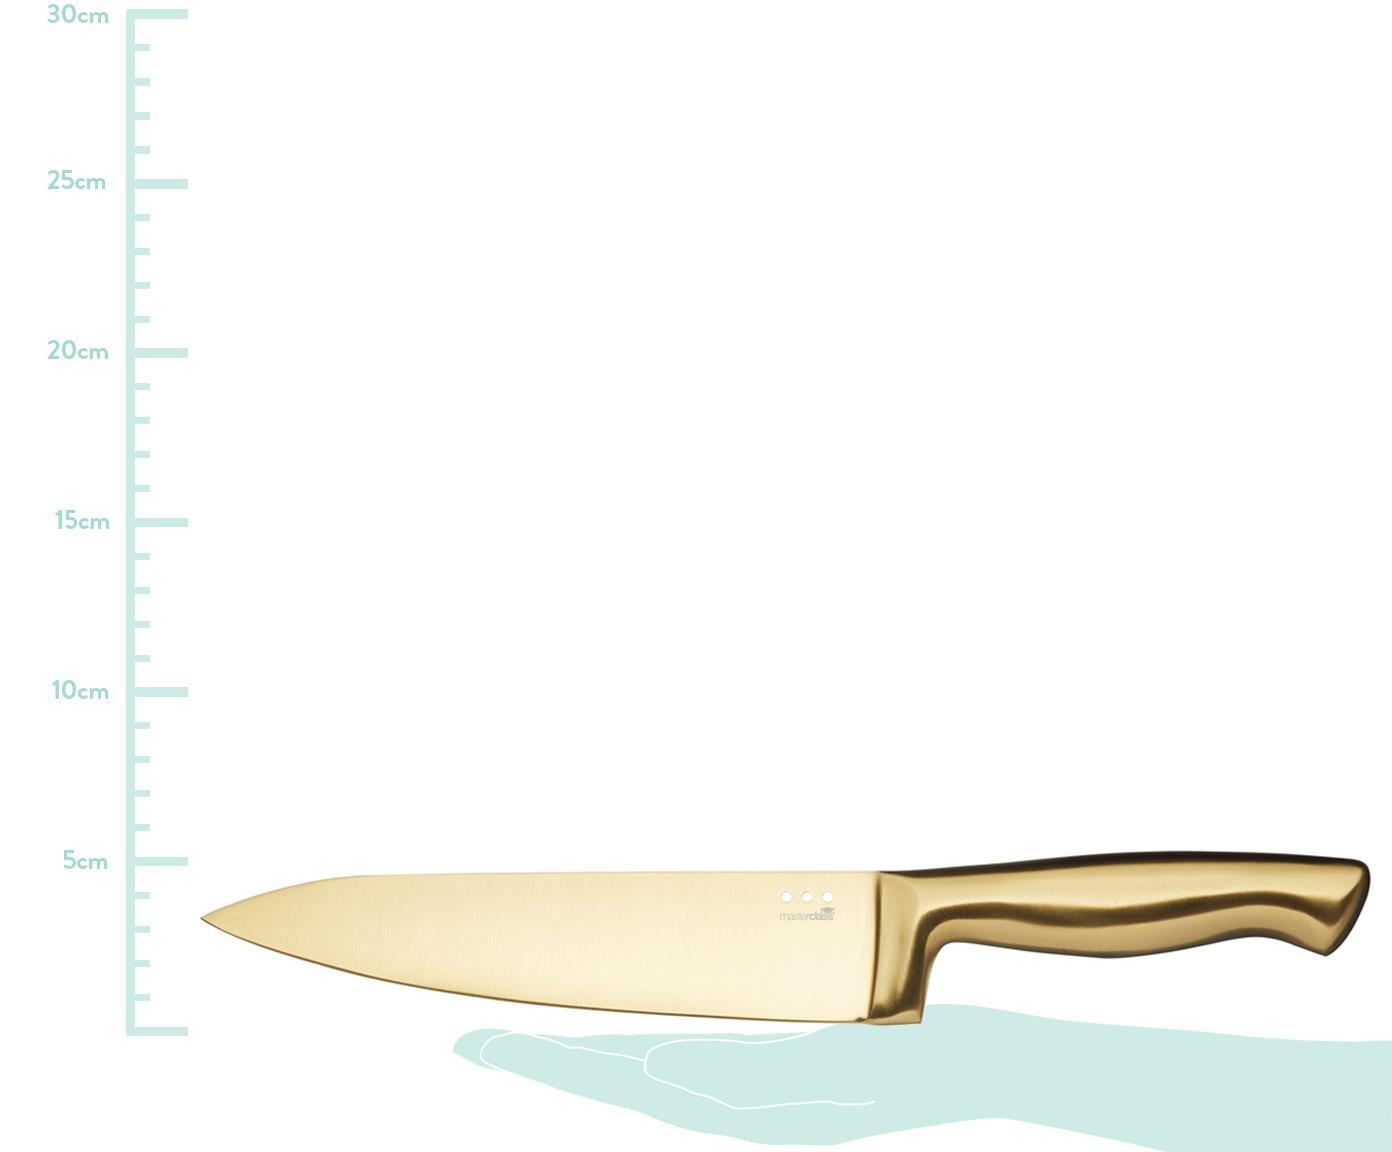 Komplet noży Master Class, 6-szt., Stal powlekana, Czarny, odcienie mosiądzu, Różne rozmiary